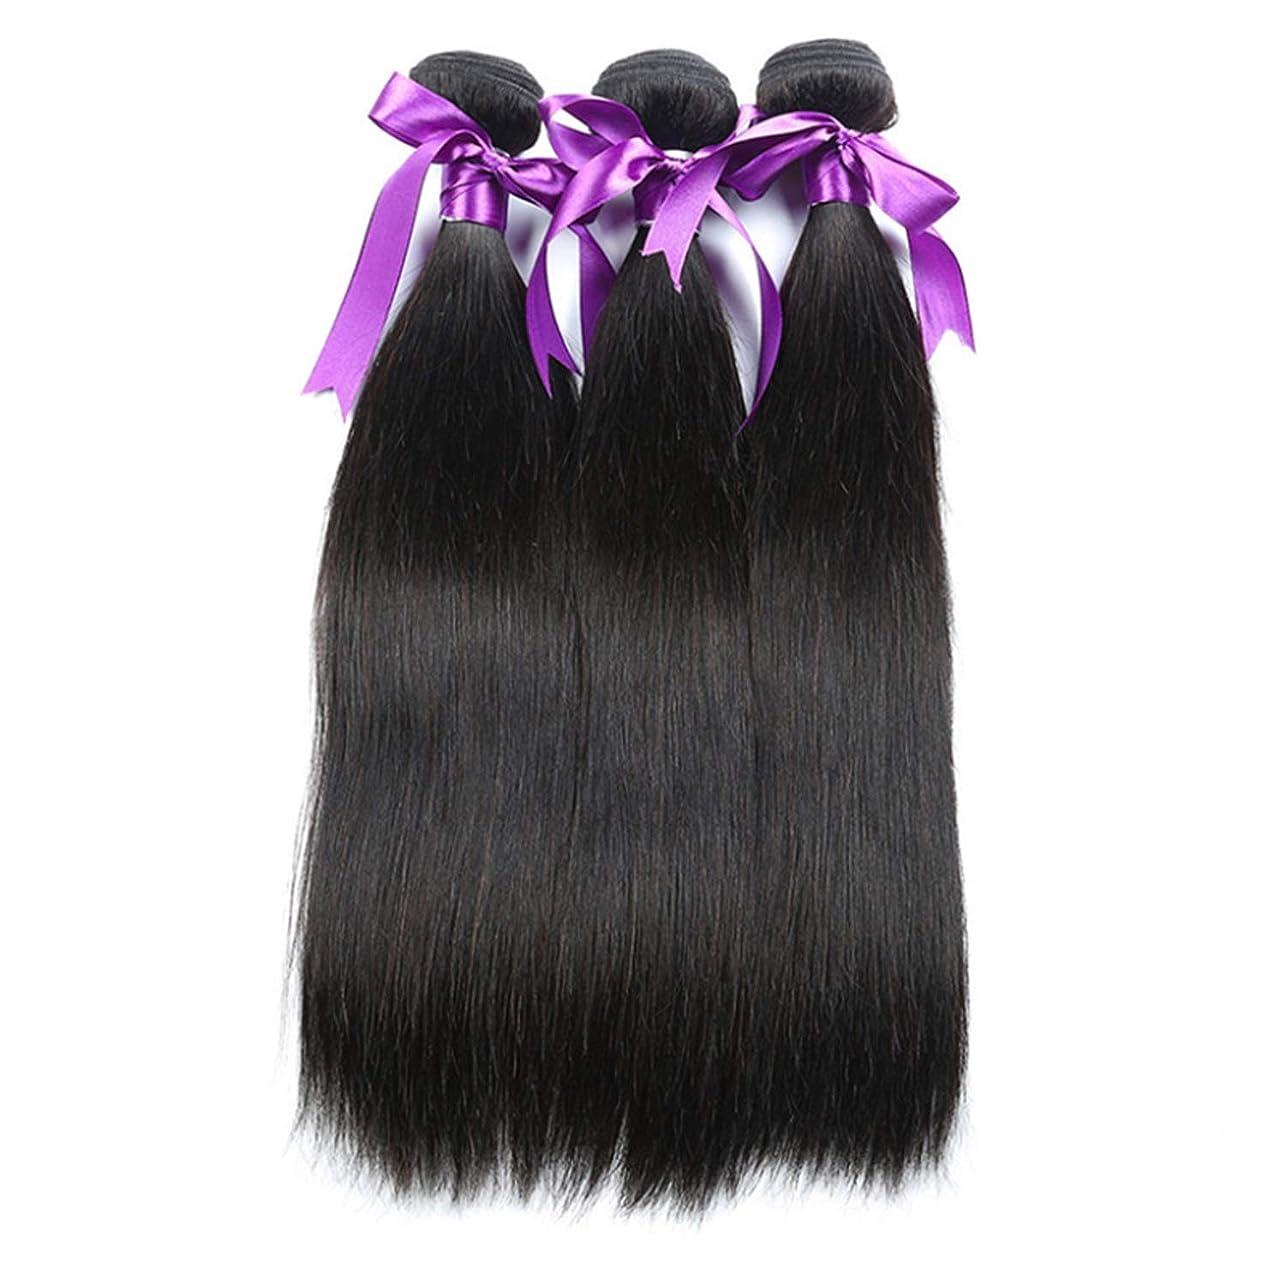 電子食用振り返るかつら ブラジルストレートヘアバンドル8-28インチ100%人毛織りレミー髪ナチュラルカラー3ピースボディヘアバンドル (Stretched Length : 16 18 20)